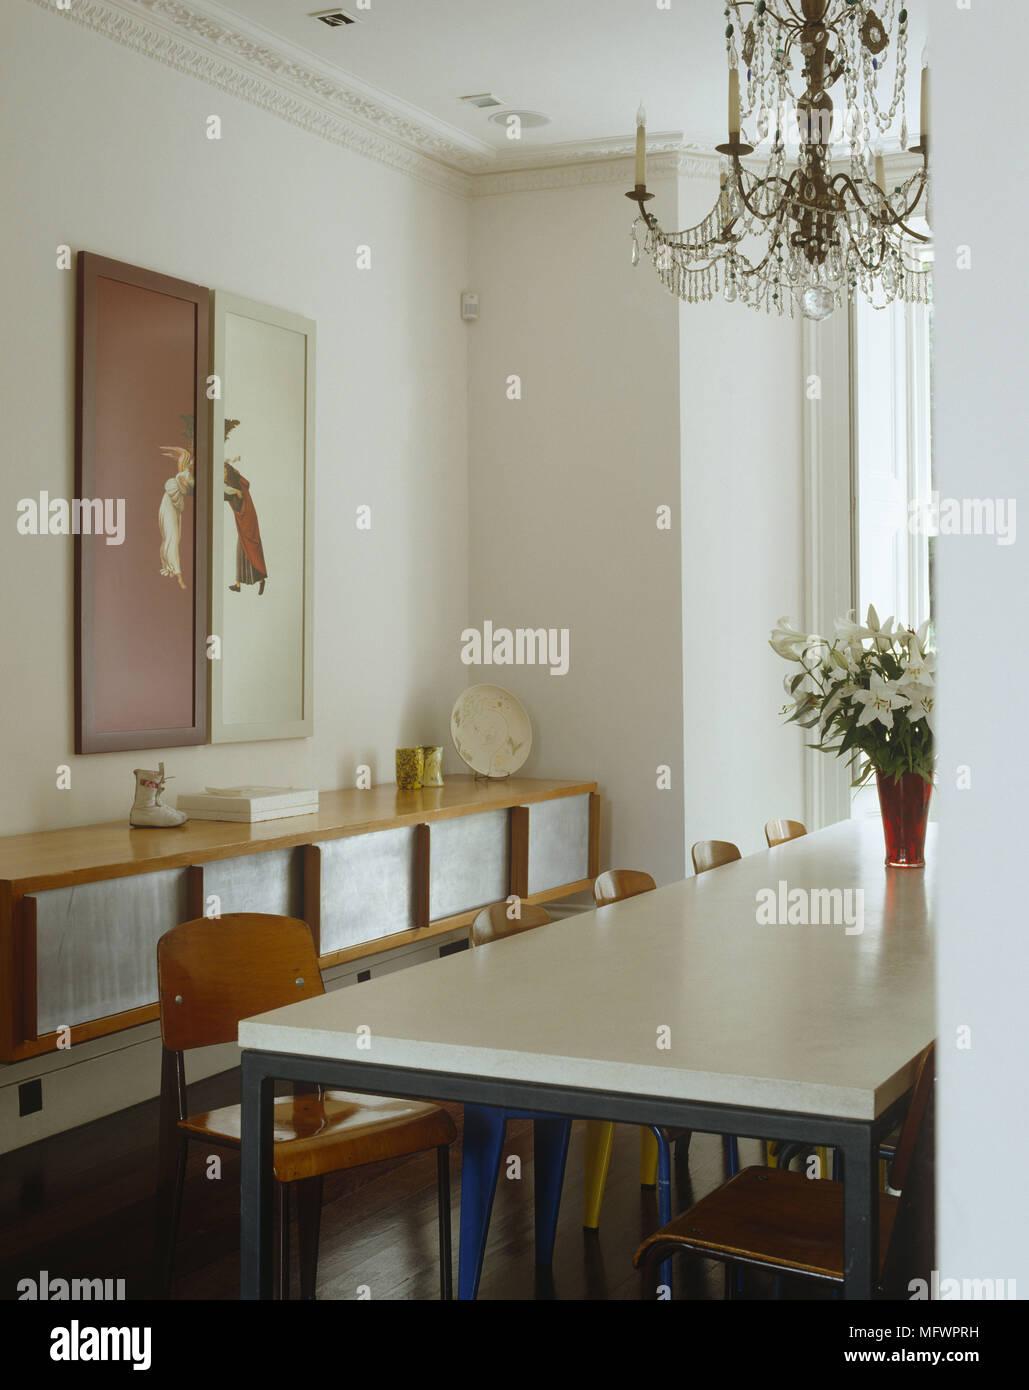 Artwork Montiert Auf Wand Uber Holz Seite Cabinet Mit Kronleuchter